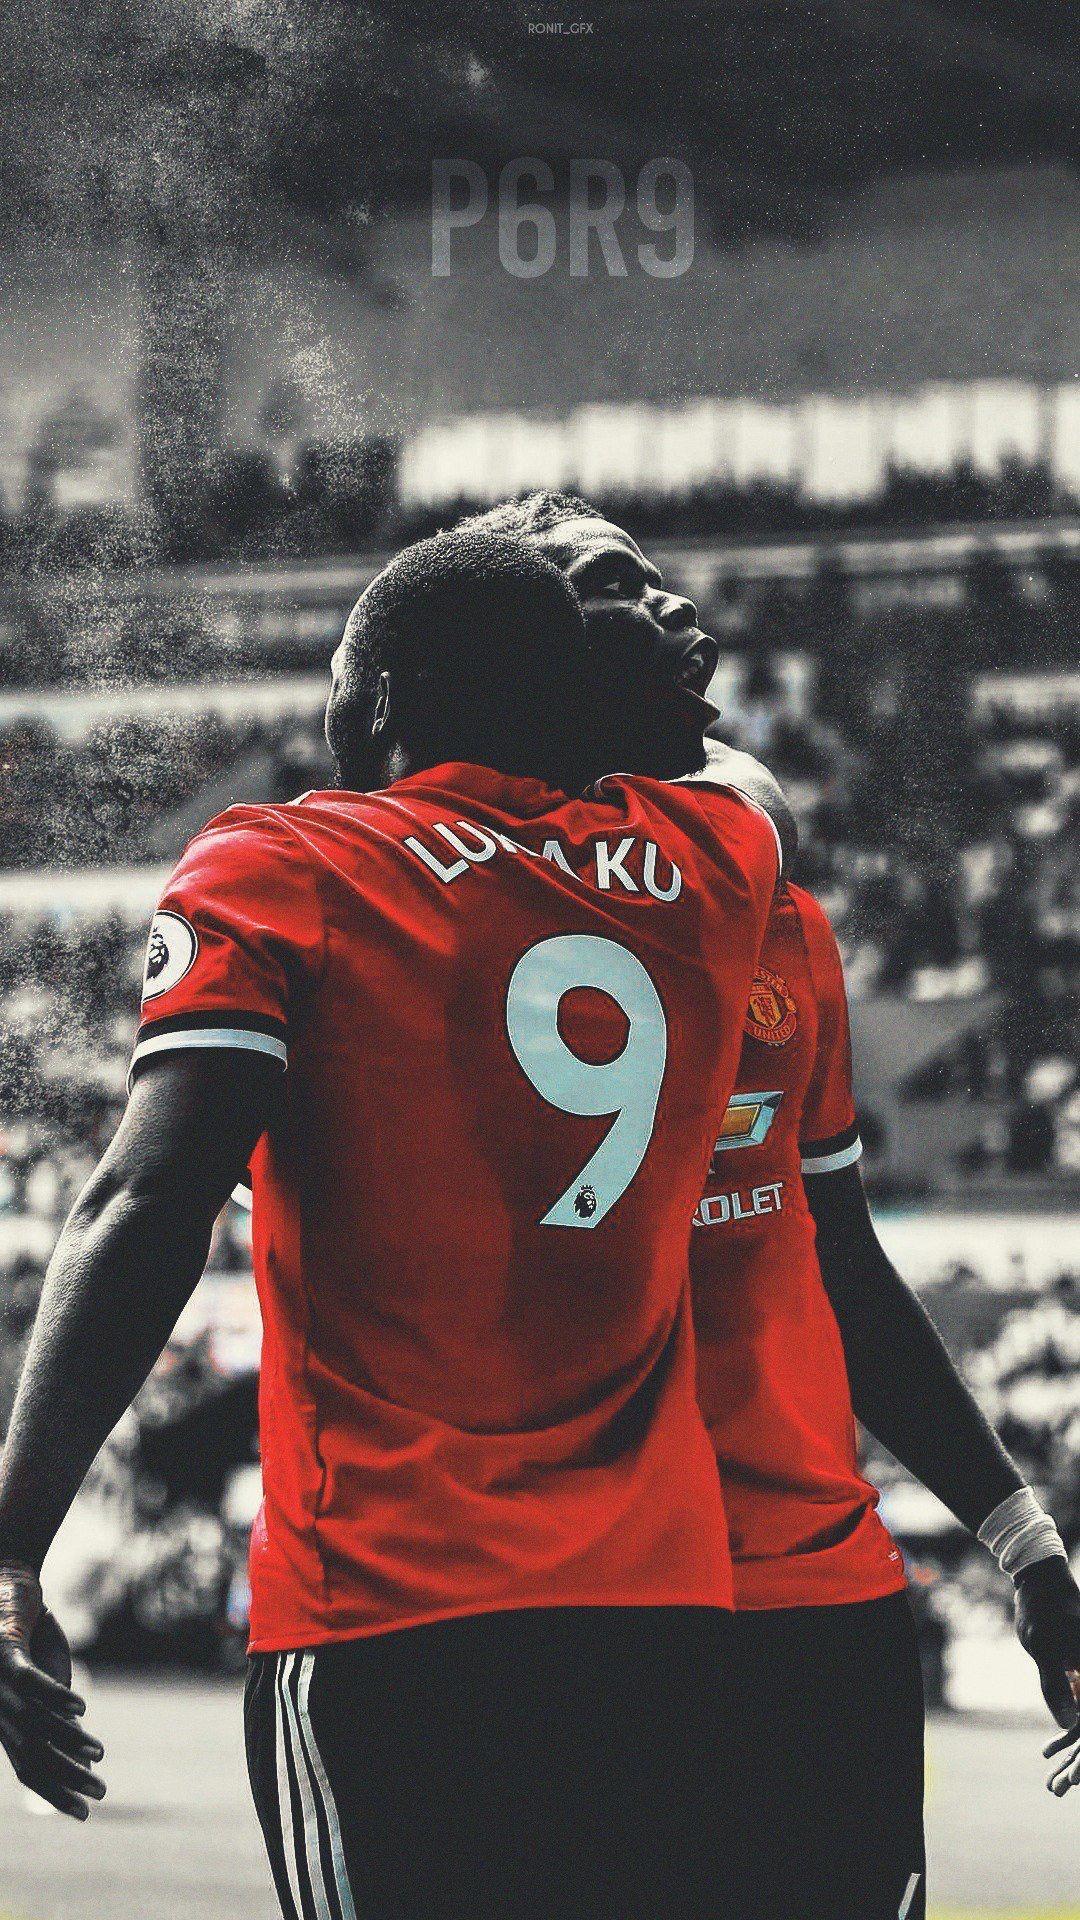 Lukaku. Pogba. Manchester United.